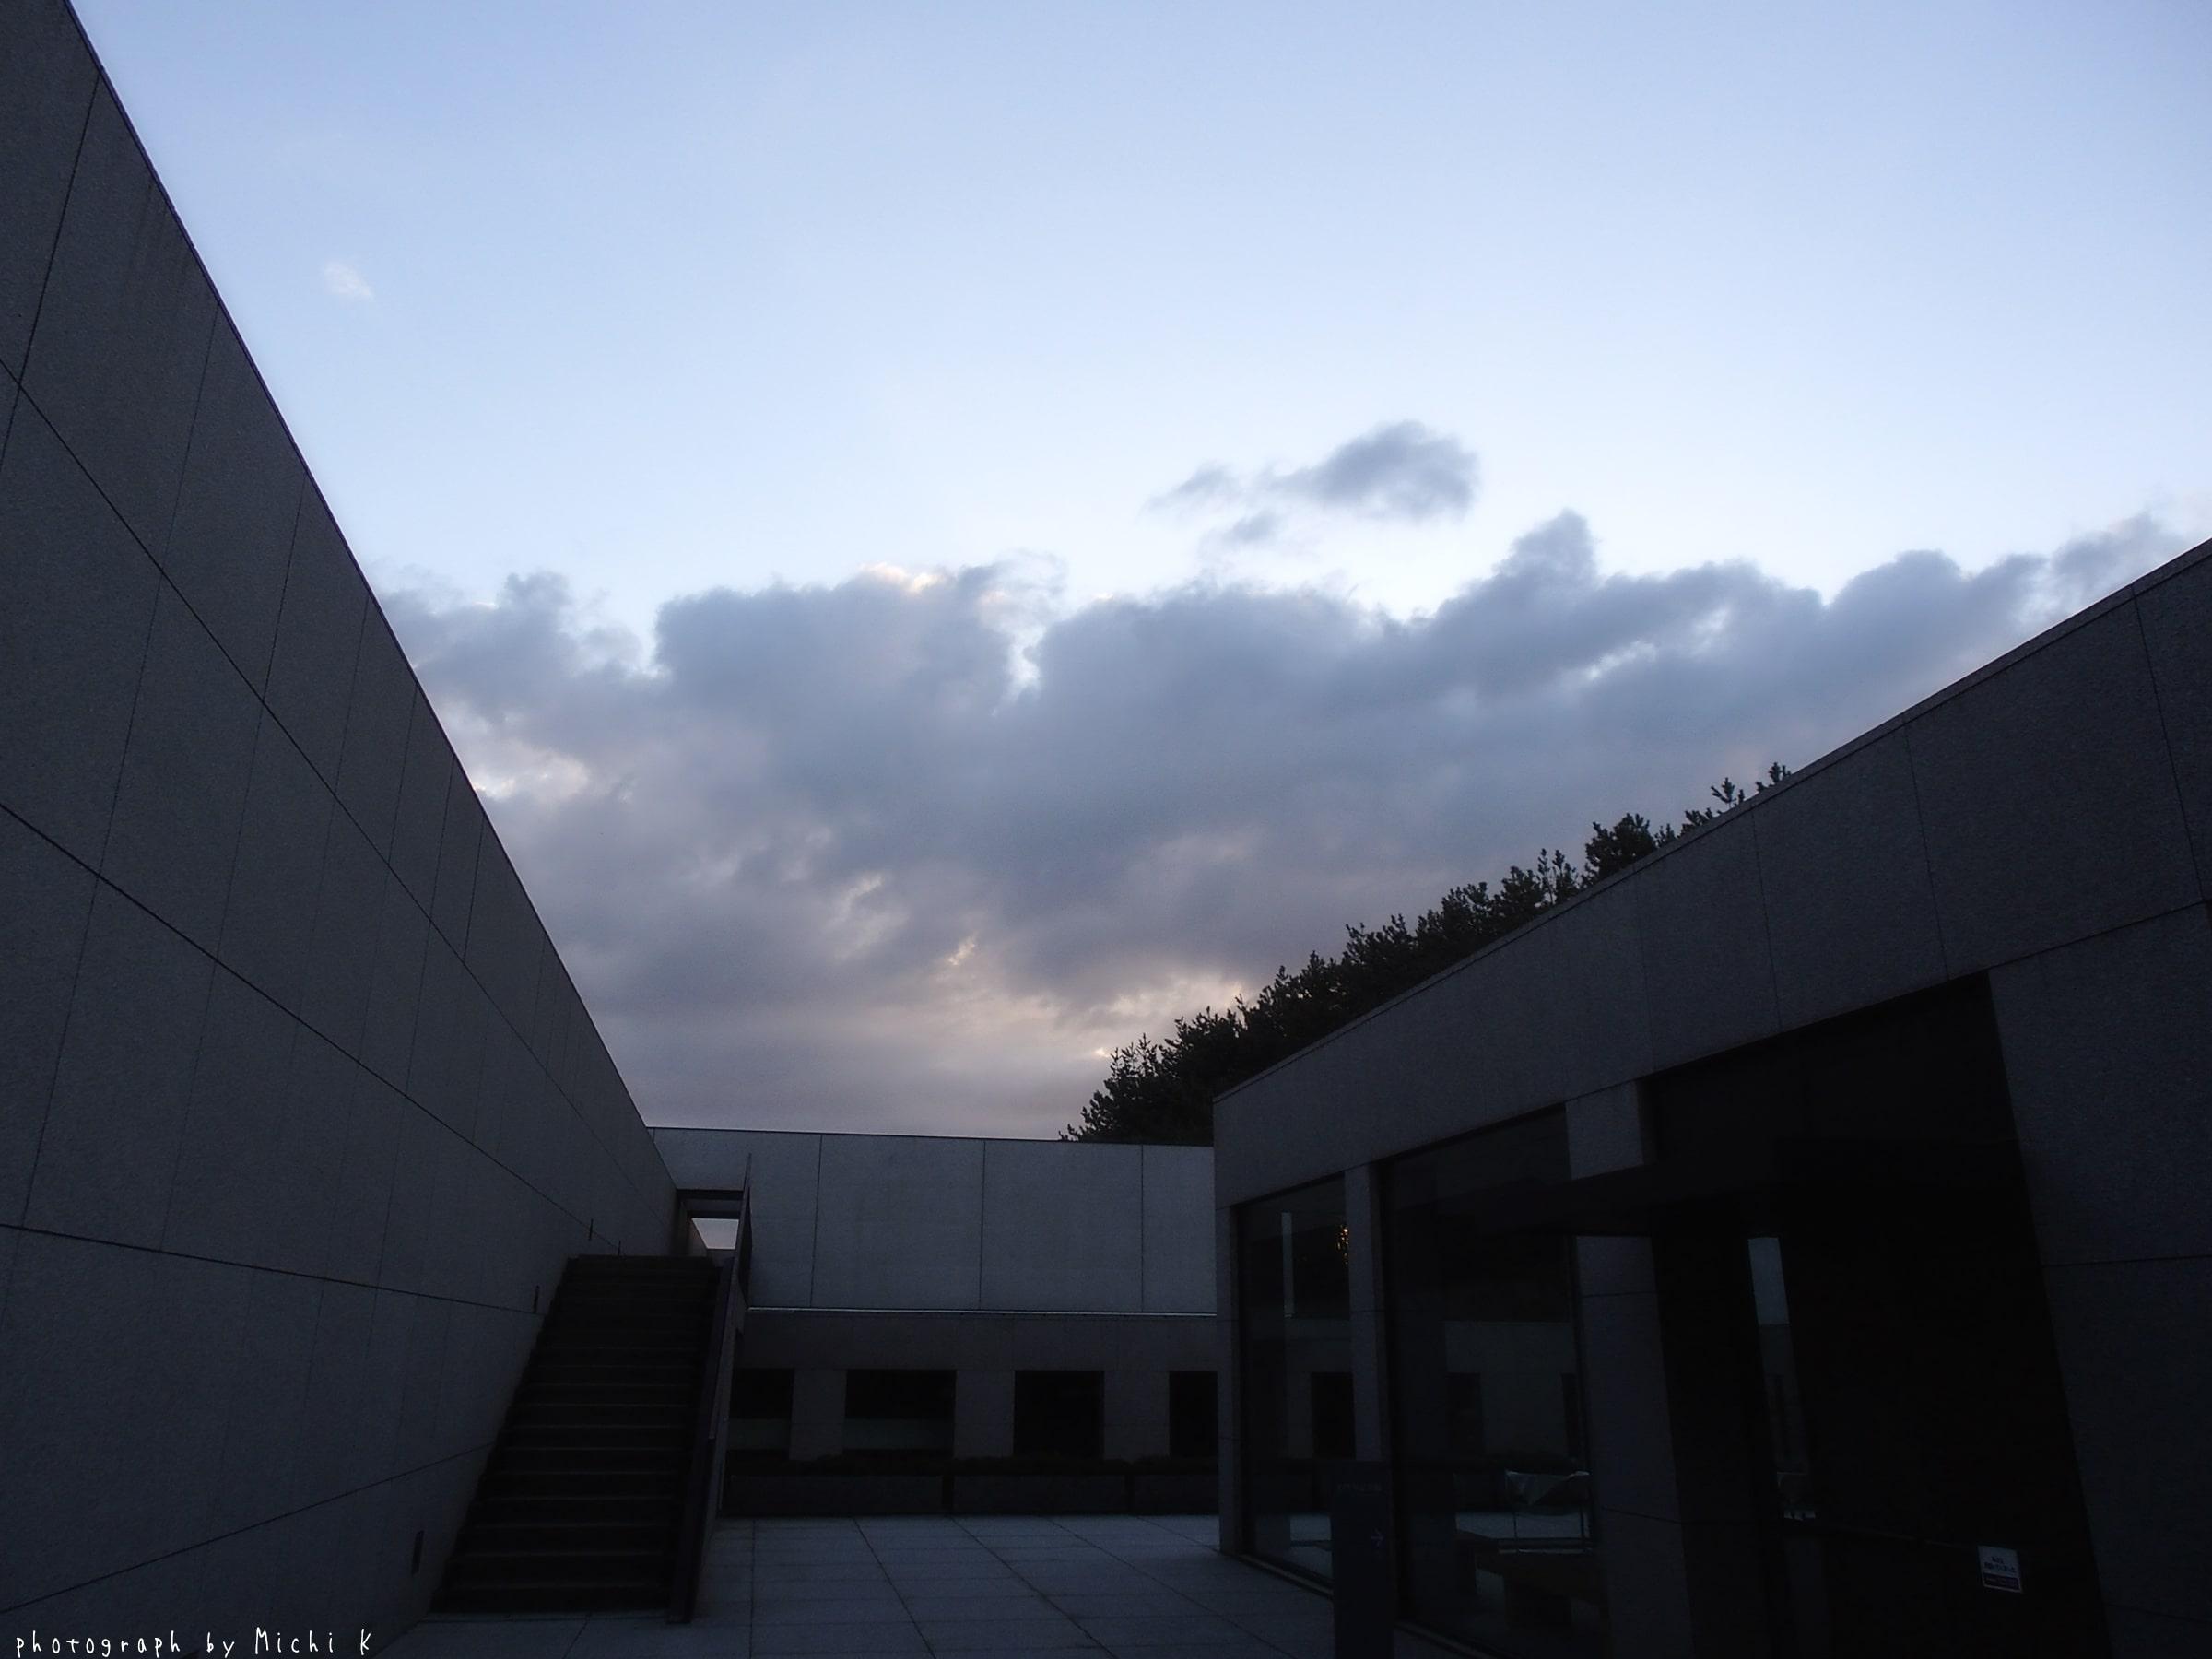 土門拳記念館にて2019-3-9朝(写真その8)